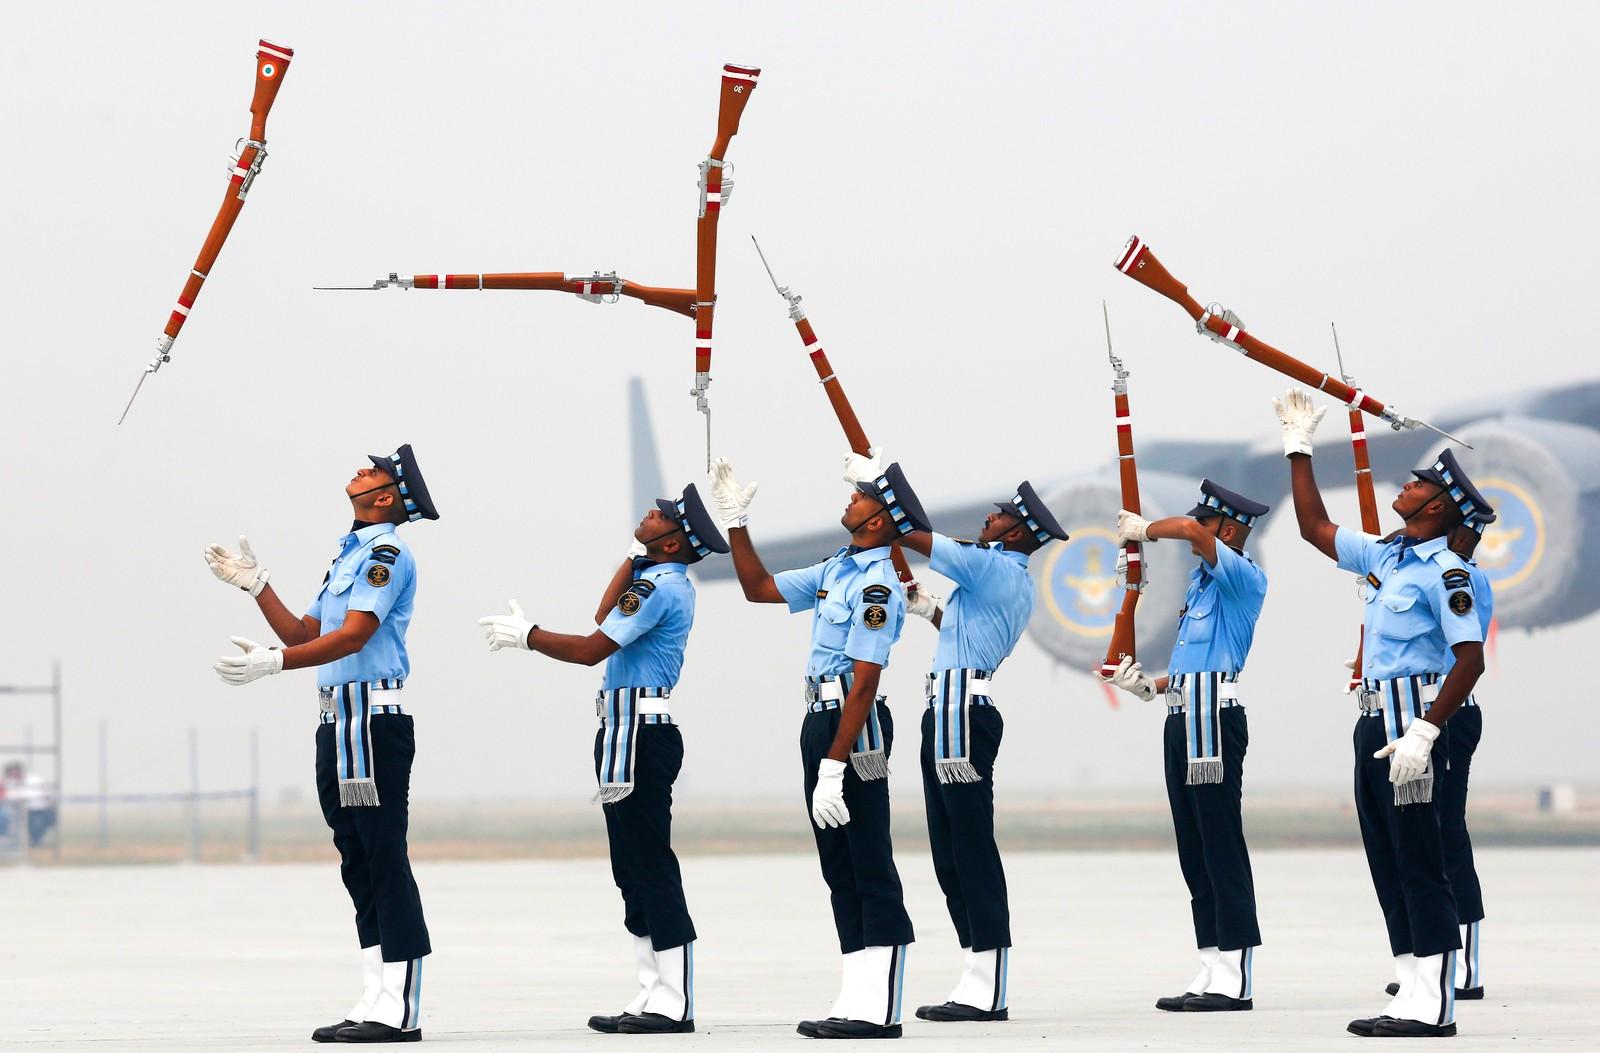 Gevær i været. Indiske soldater fra luftforsvaret øver før en feiring av seg selv i New Delhi i India.